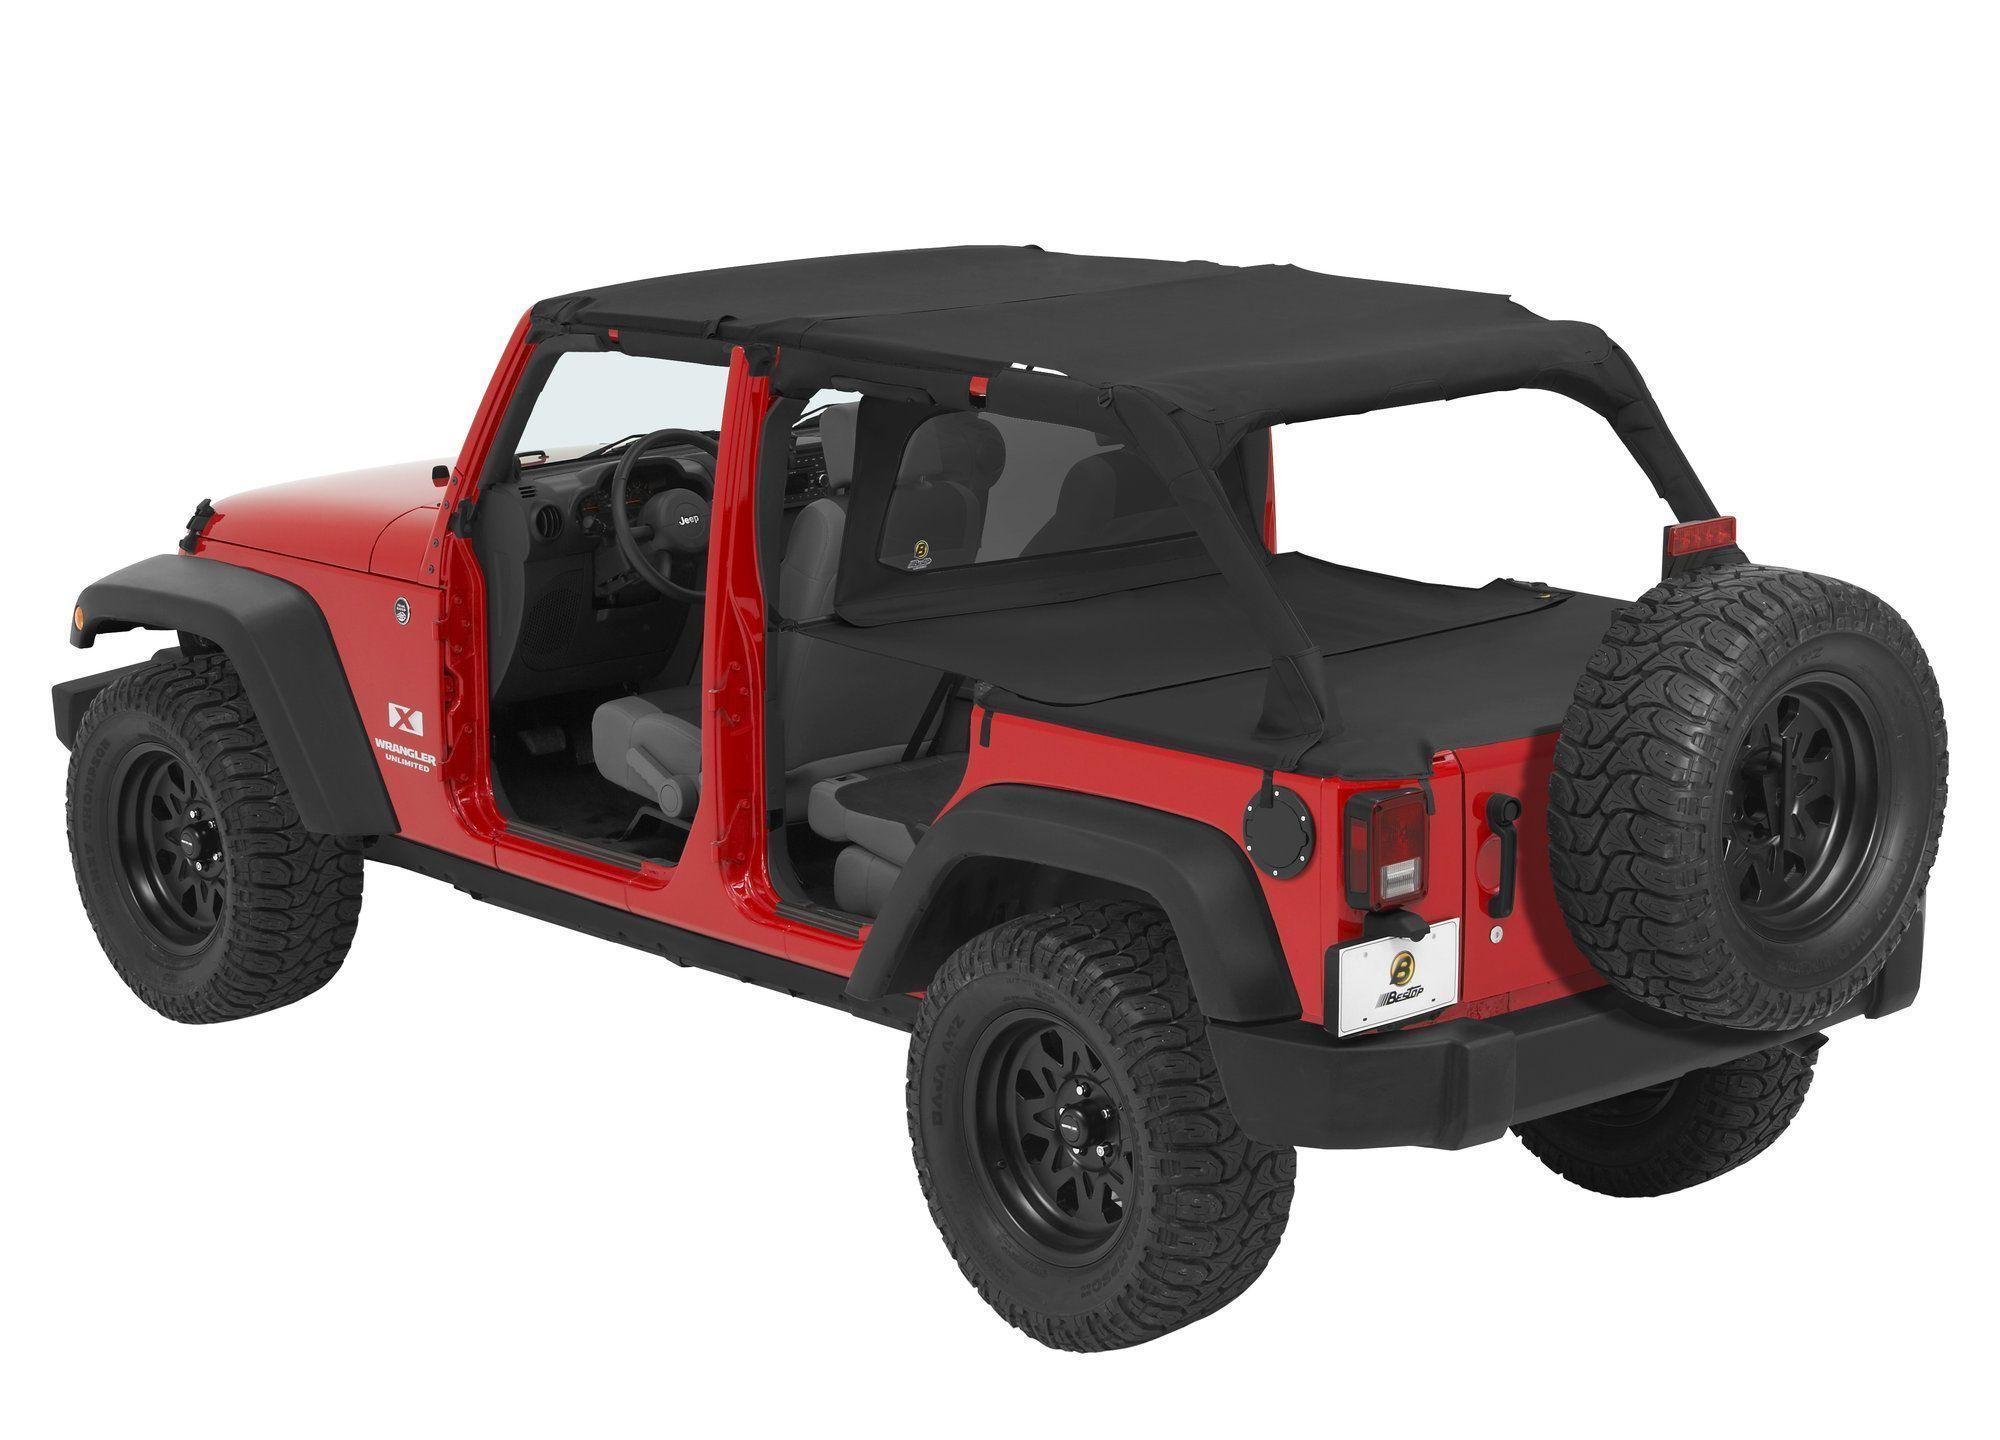 Hydraulics reccomend Jeep rubicon bikini tops